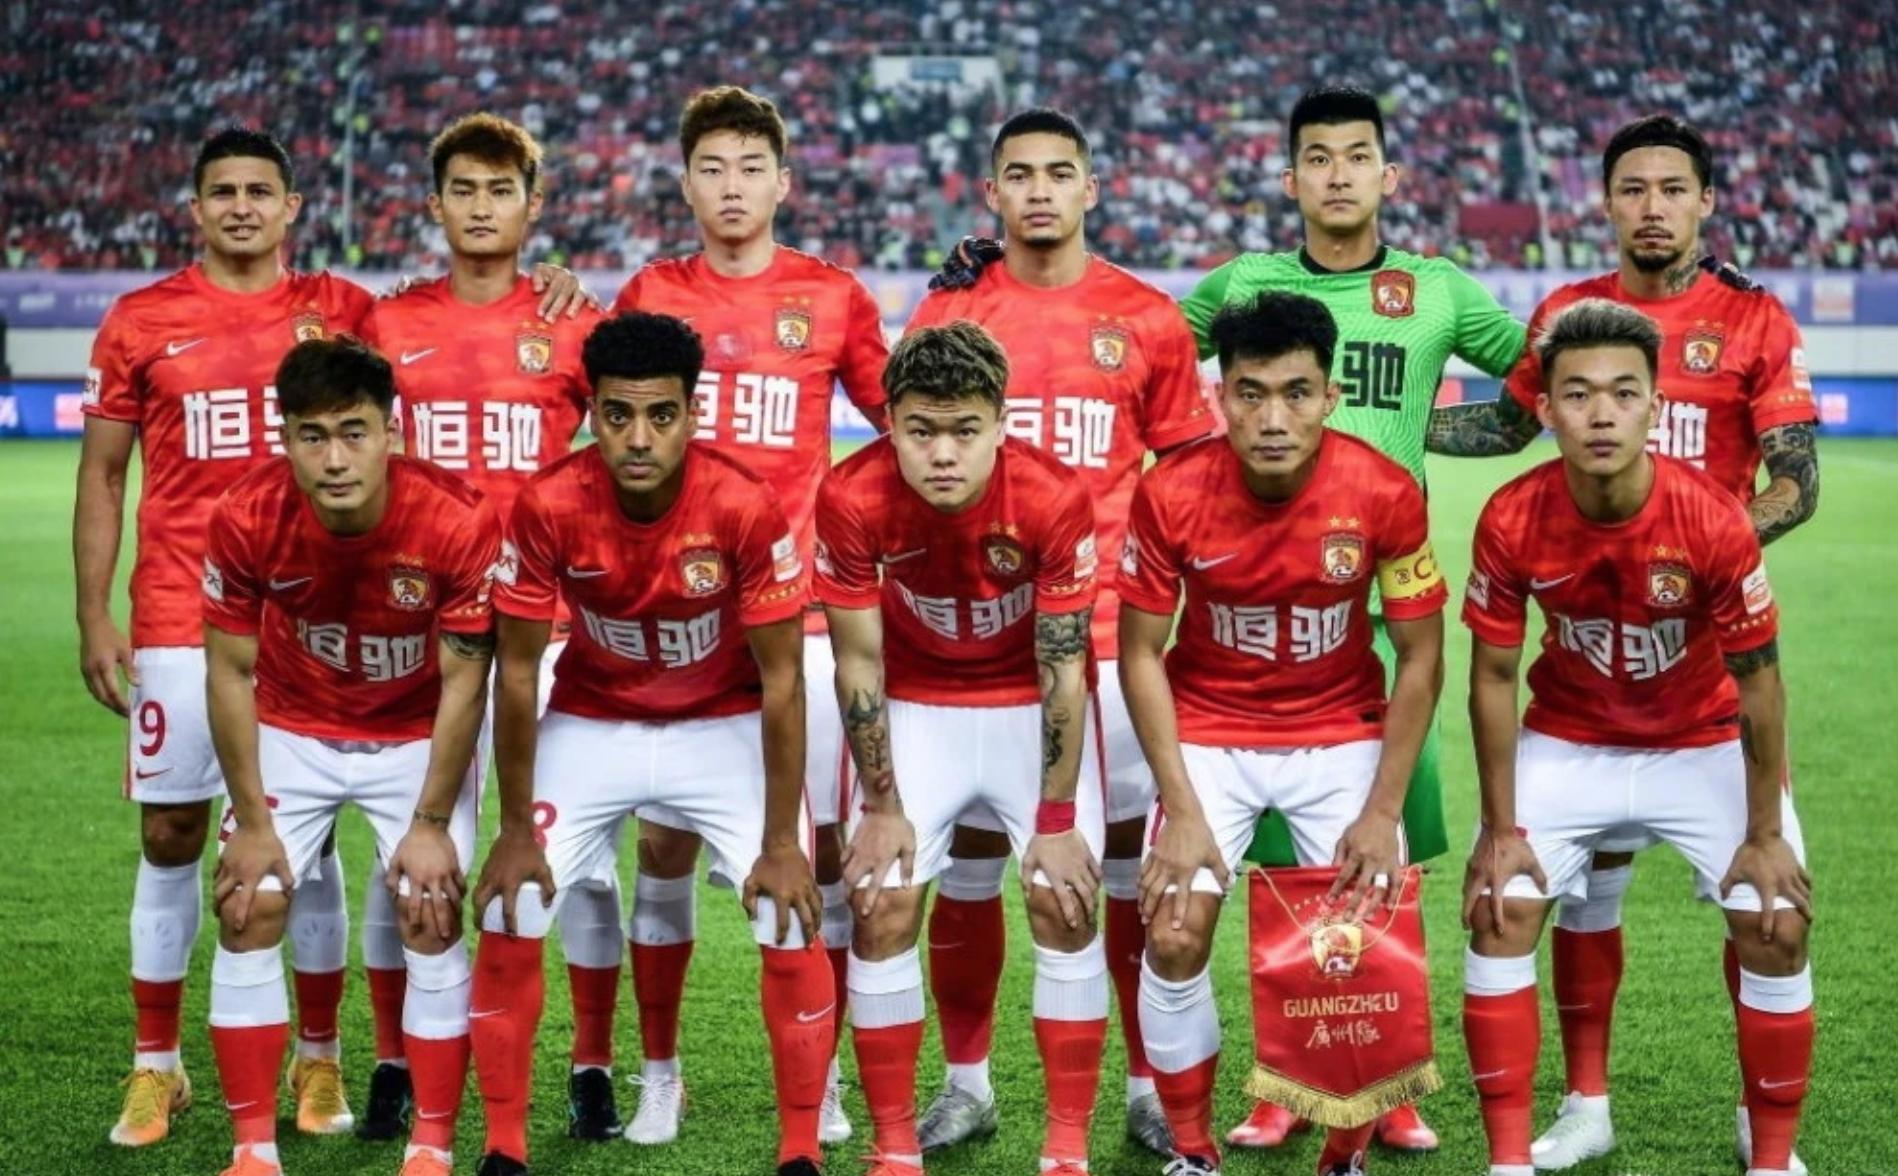 广州队2比0战胜深圳队。